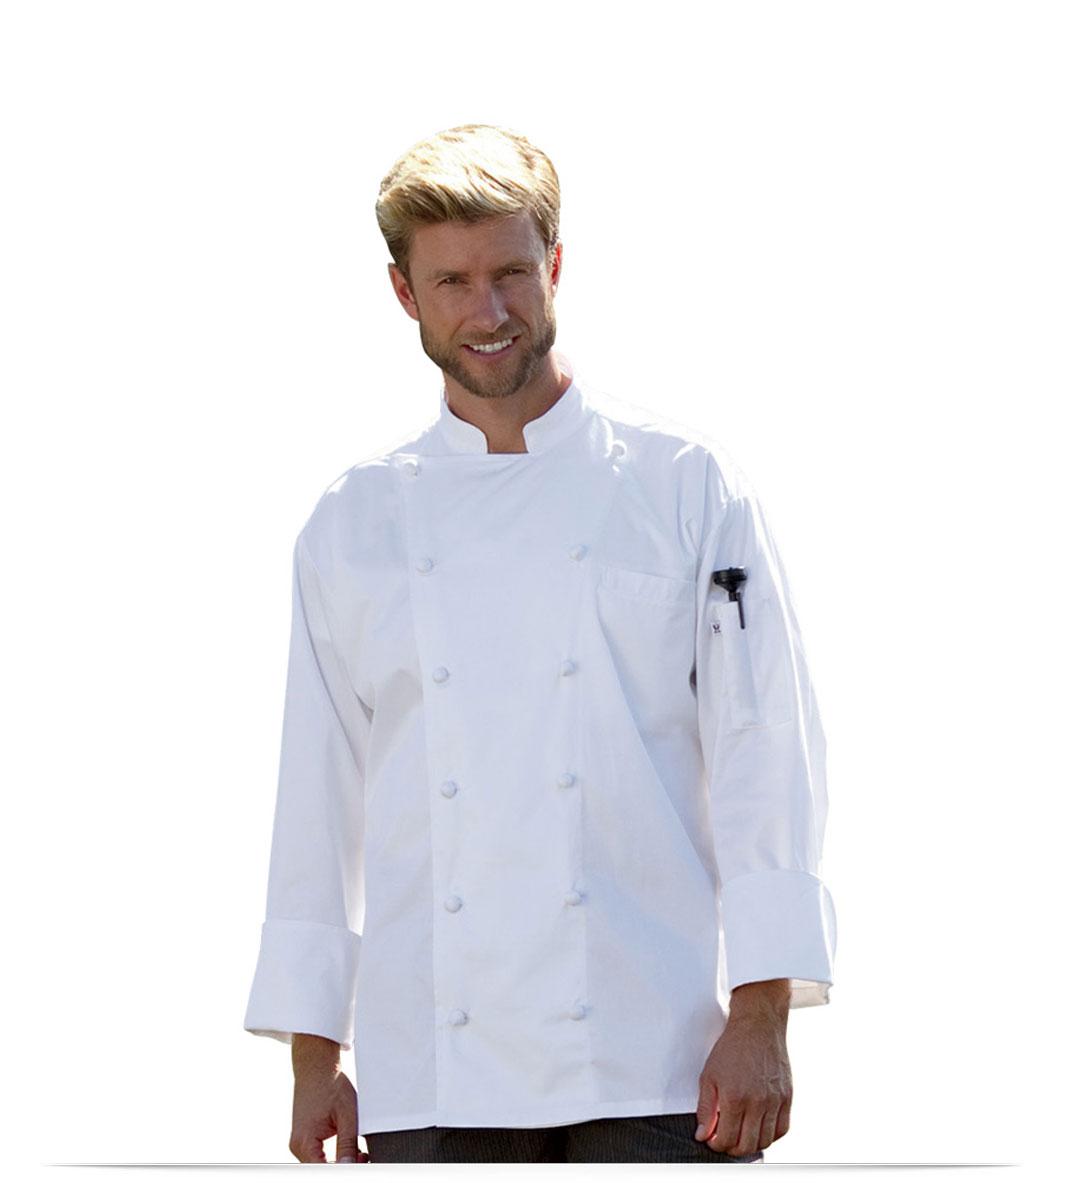 Custom Logo Personalized Chef Jacket